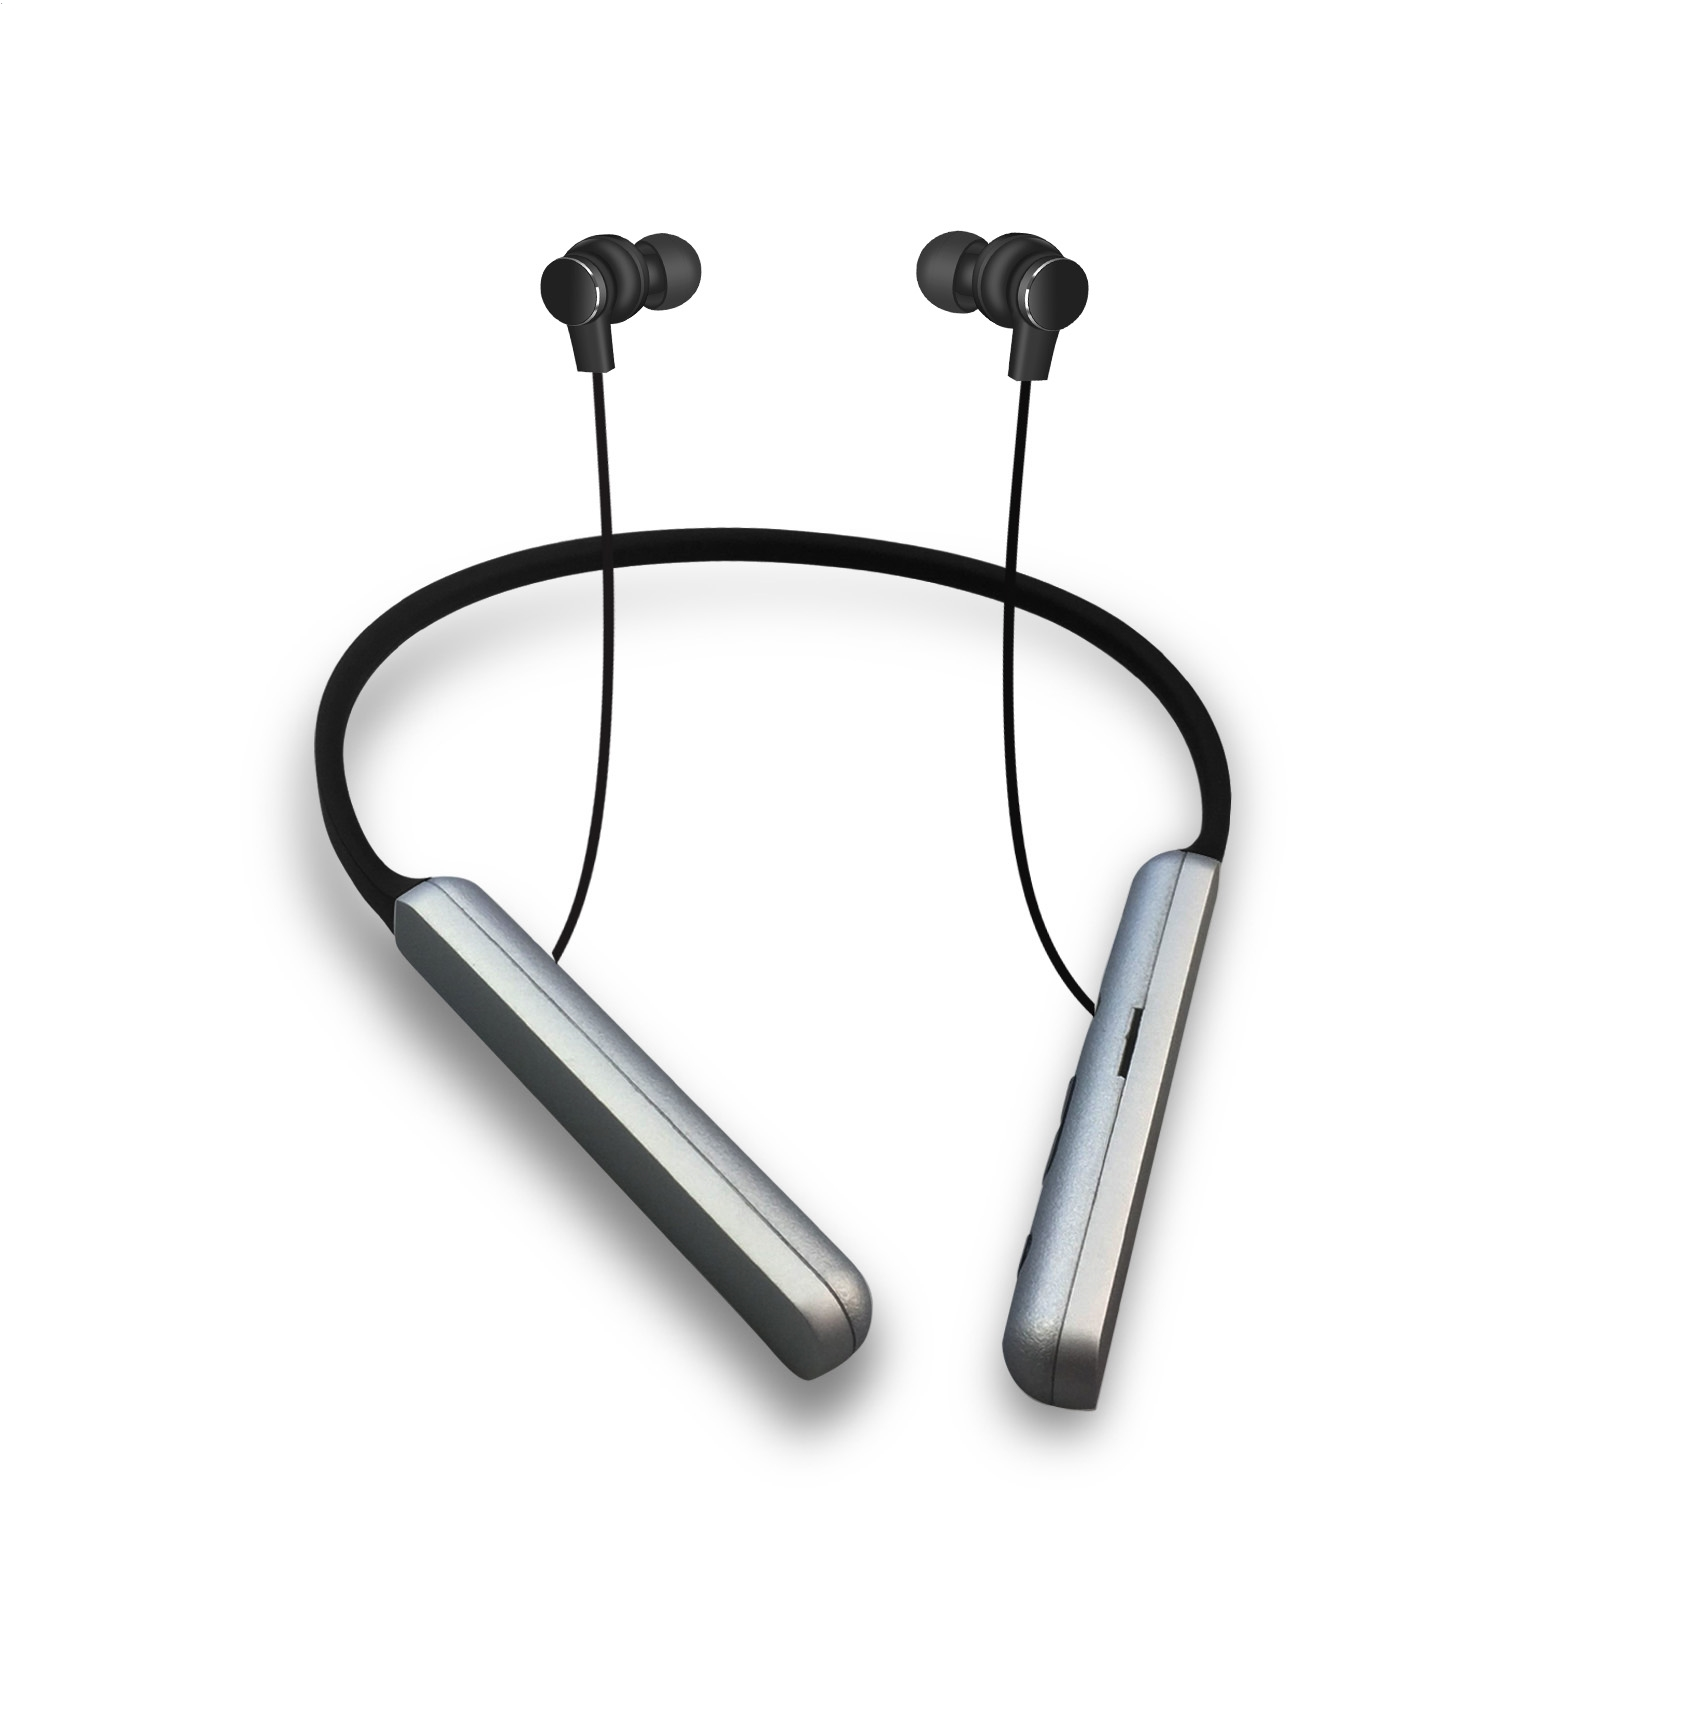 PLATINET IN-EAR BLUETOOTH V4.2 + microSD EARPHONES HOOP + MIC PM1074 ČIERNY [44477]